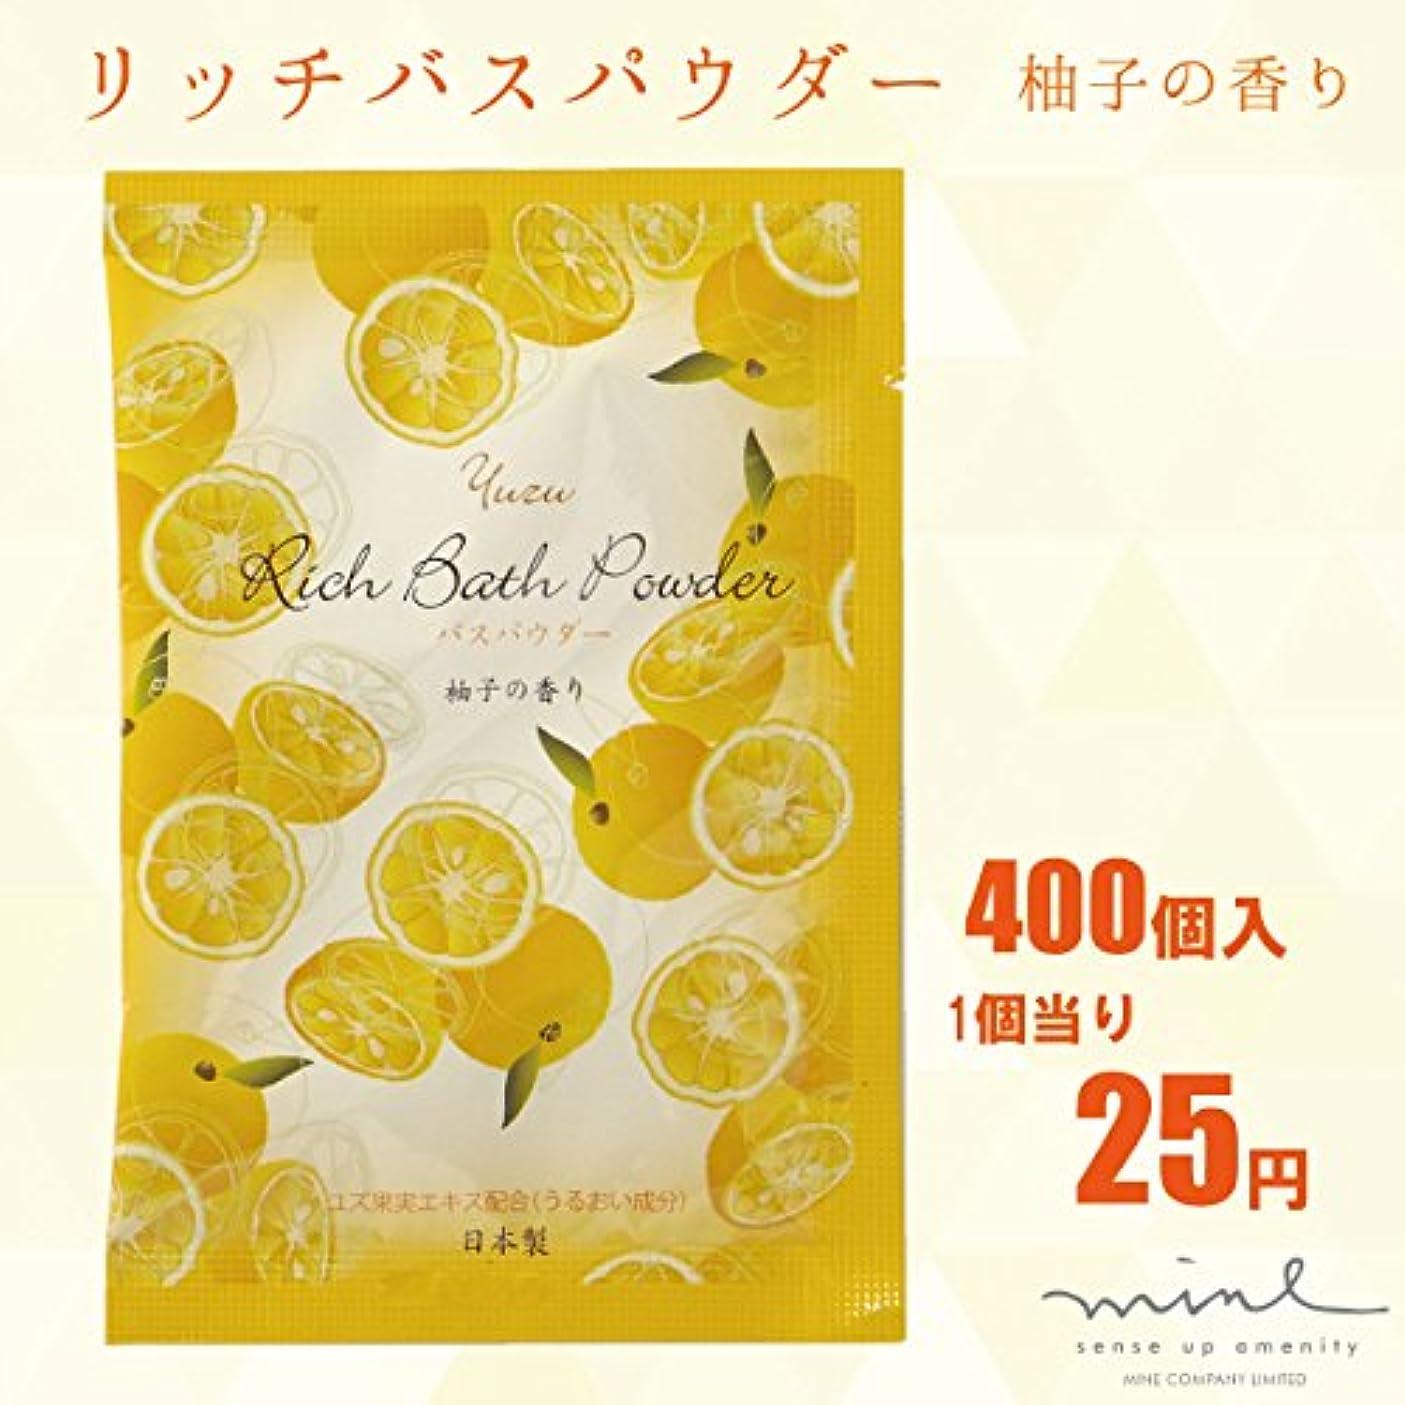 体細胞メトロポリタン警報リッチバスパウダー20g 柚子の香り × 400個